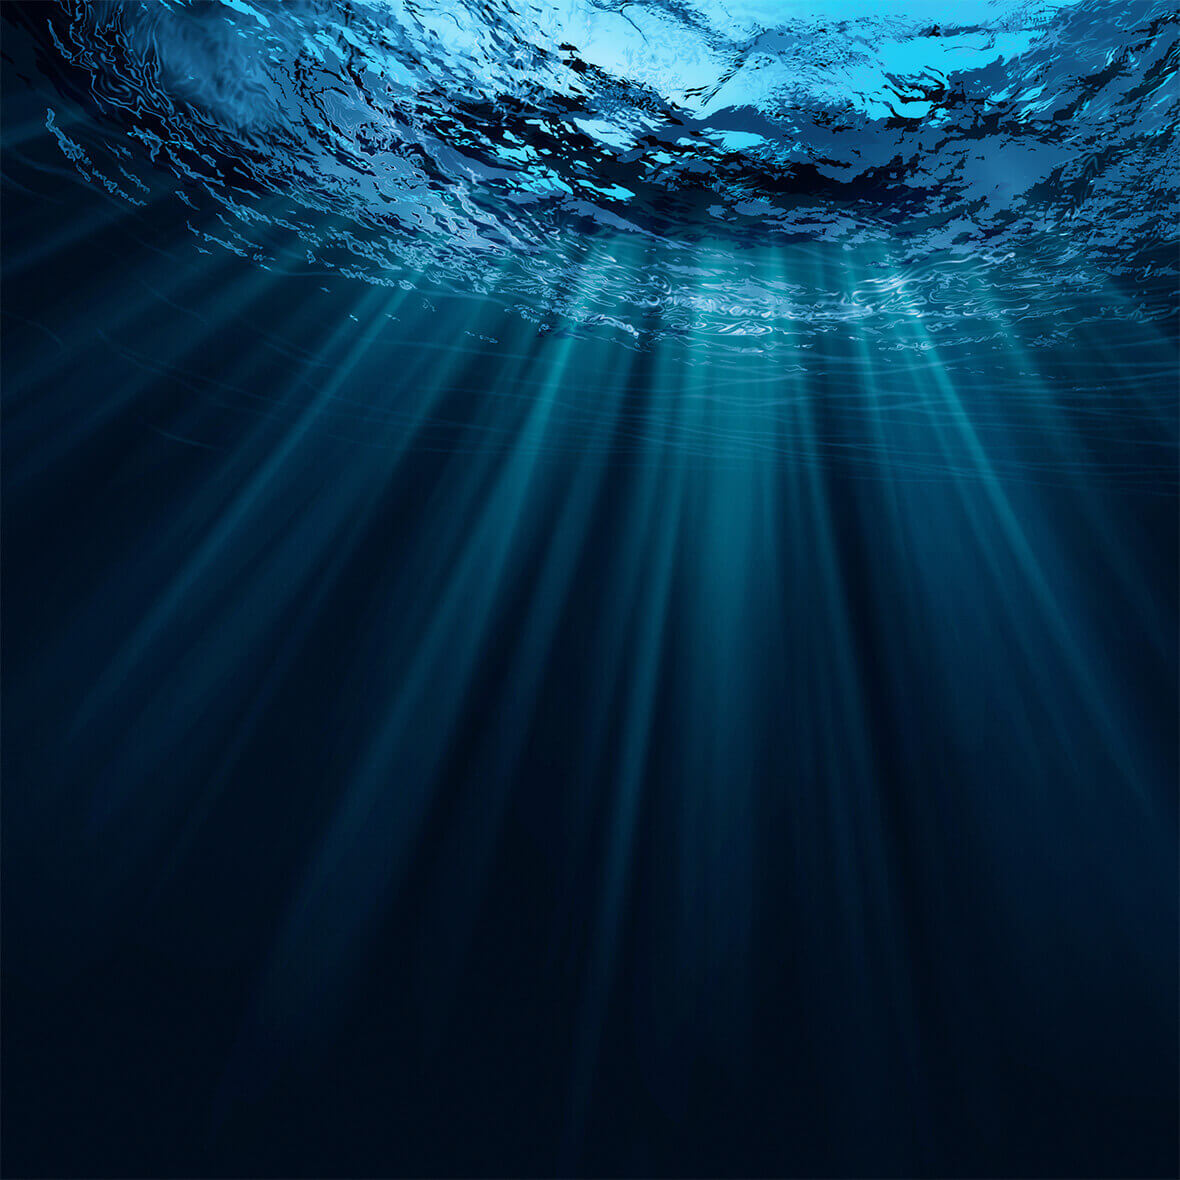 tiefseewasser